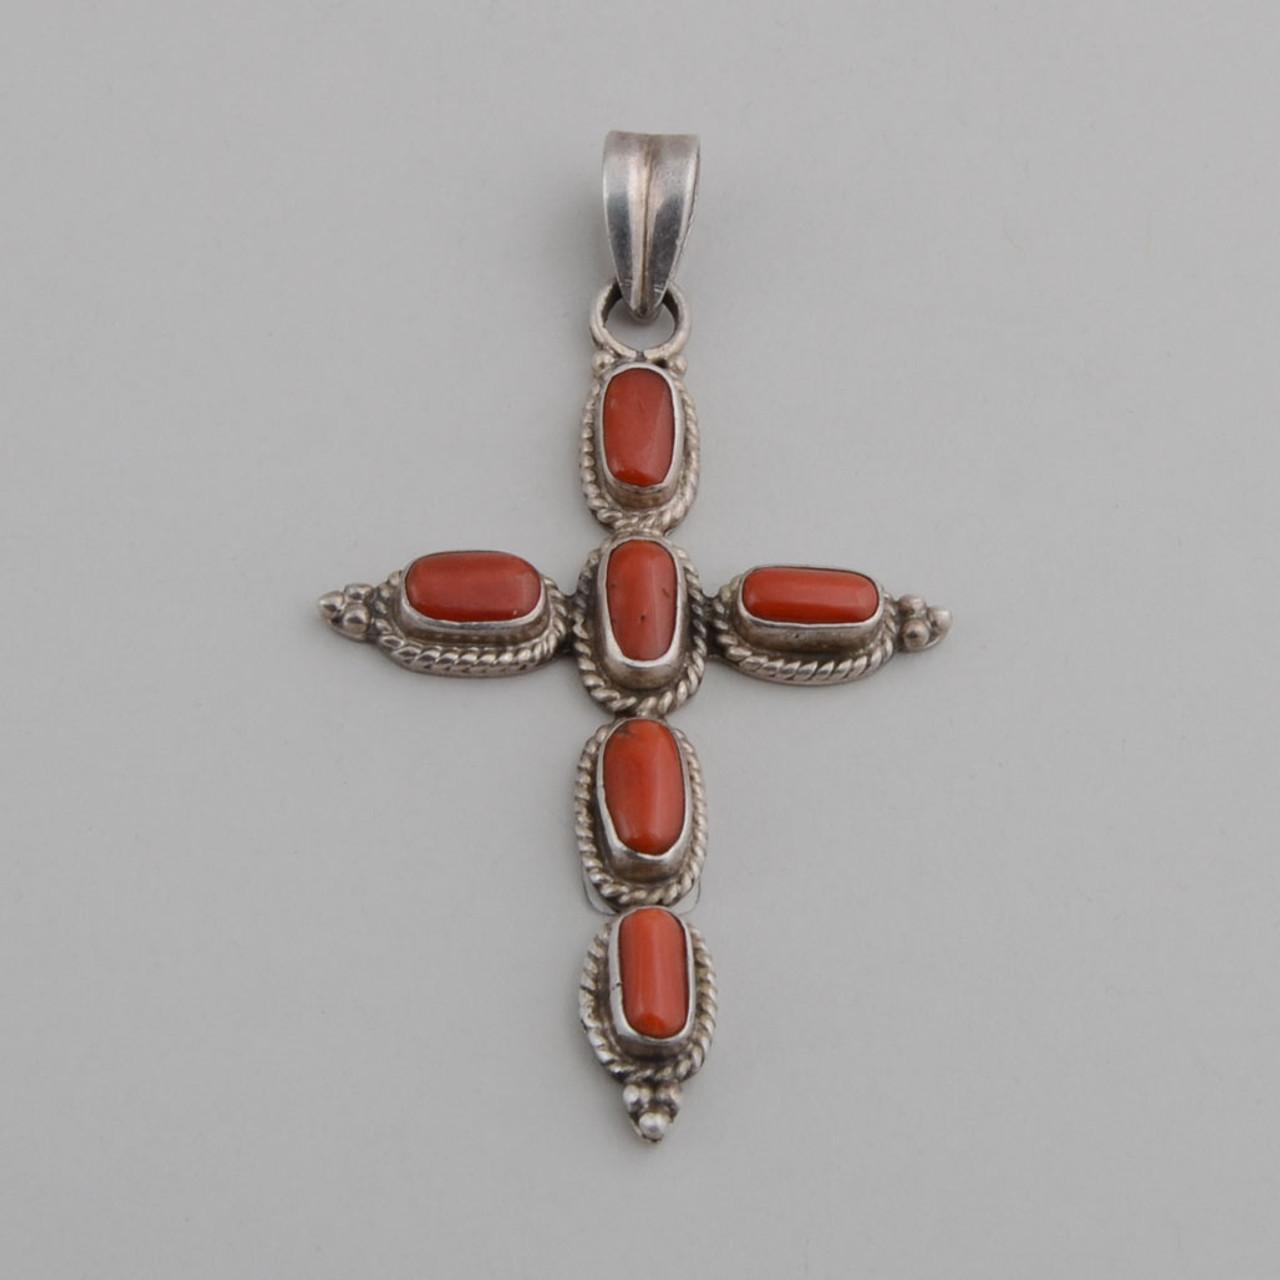 Navajo Churro-Babydoll Southdown Cross Pin Drafted Pencil Roving